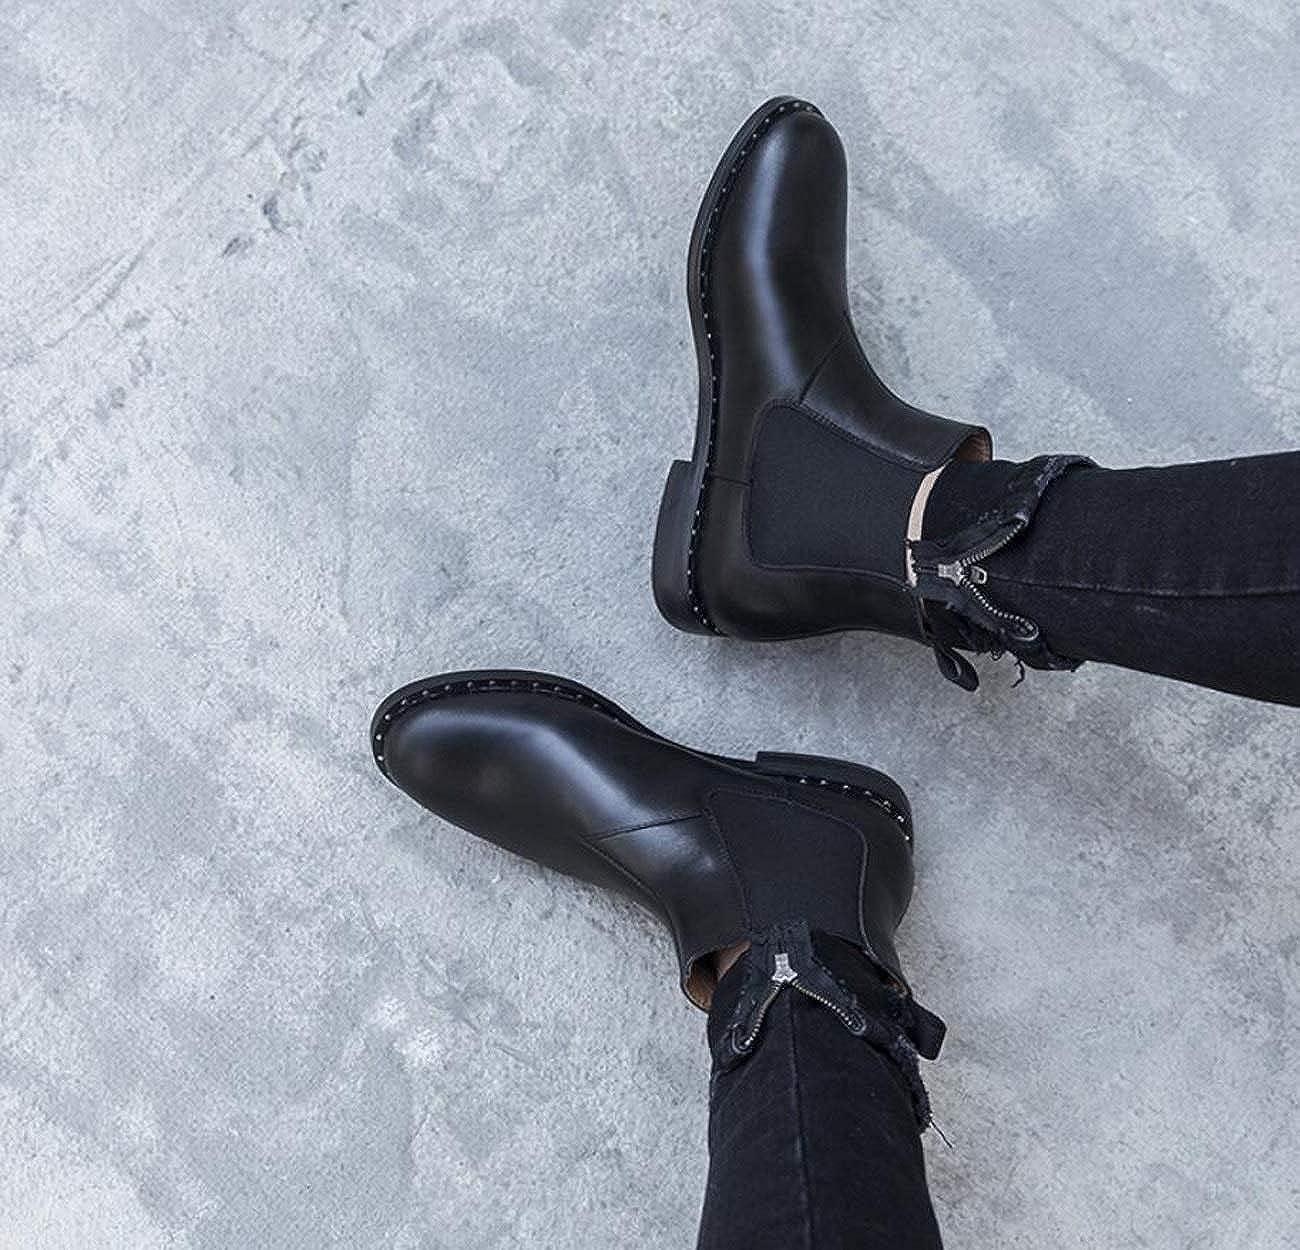 DANDANJIE damen damen damen Martin Stiefel Britischen Stil Mode Schwarz Stiefelies Herbst Winter 4184c2